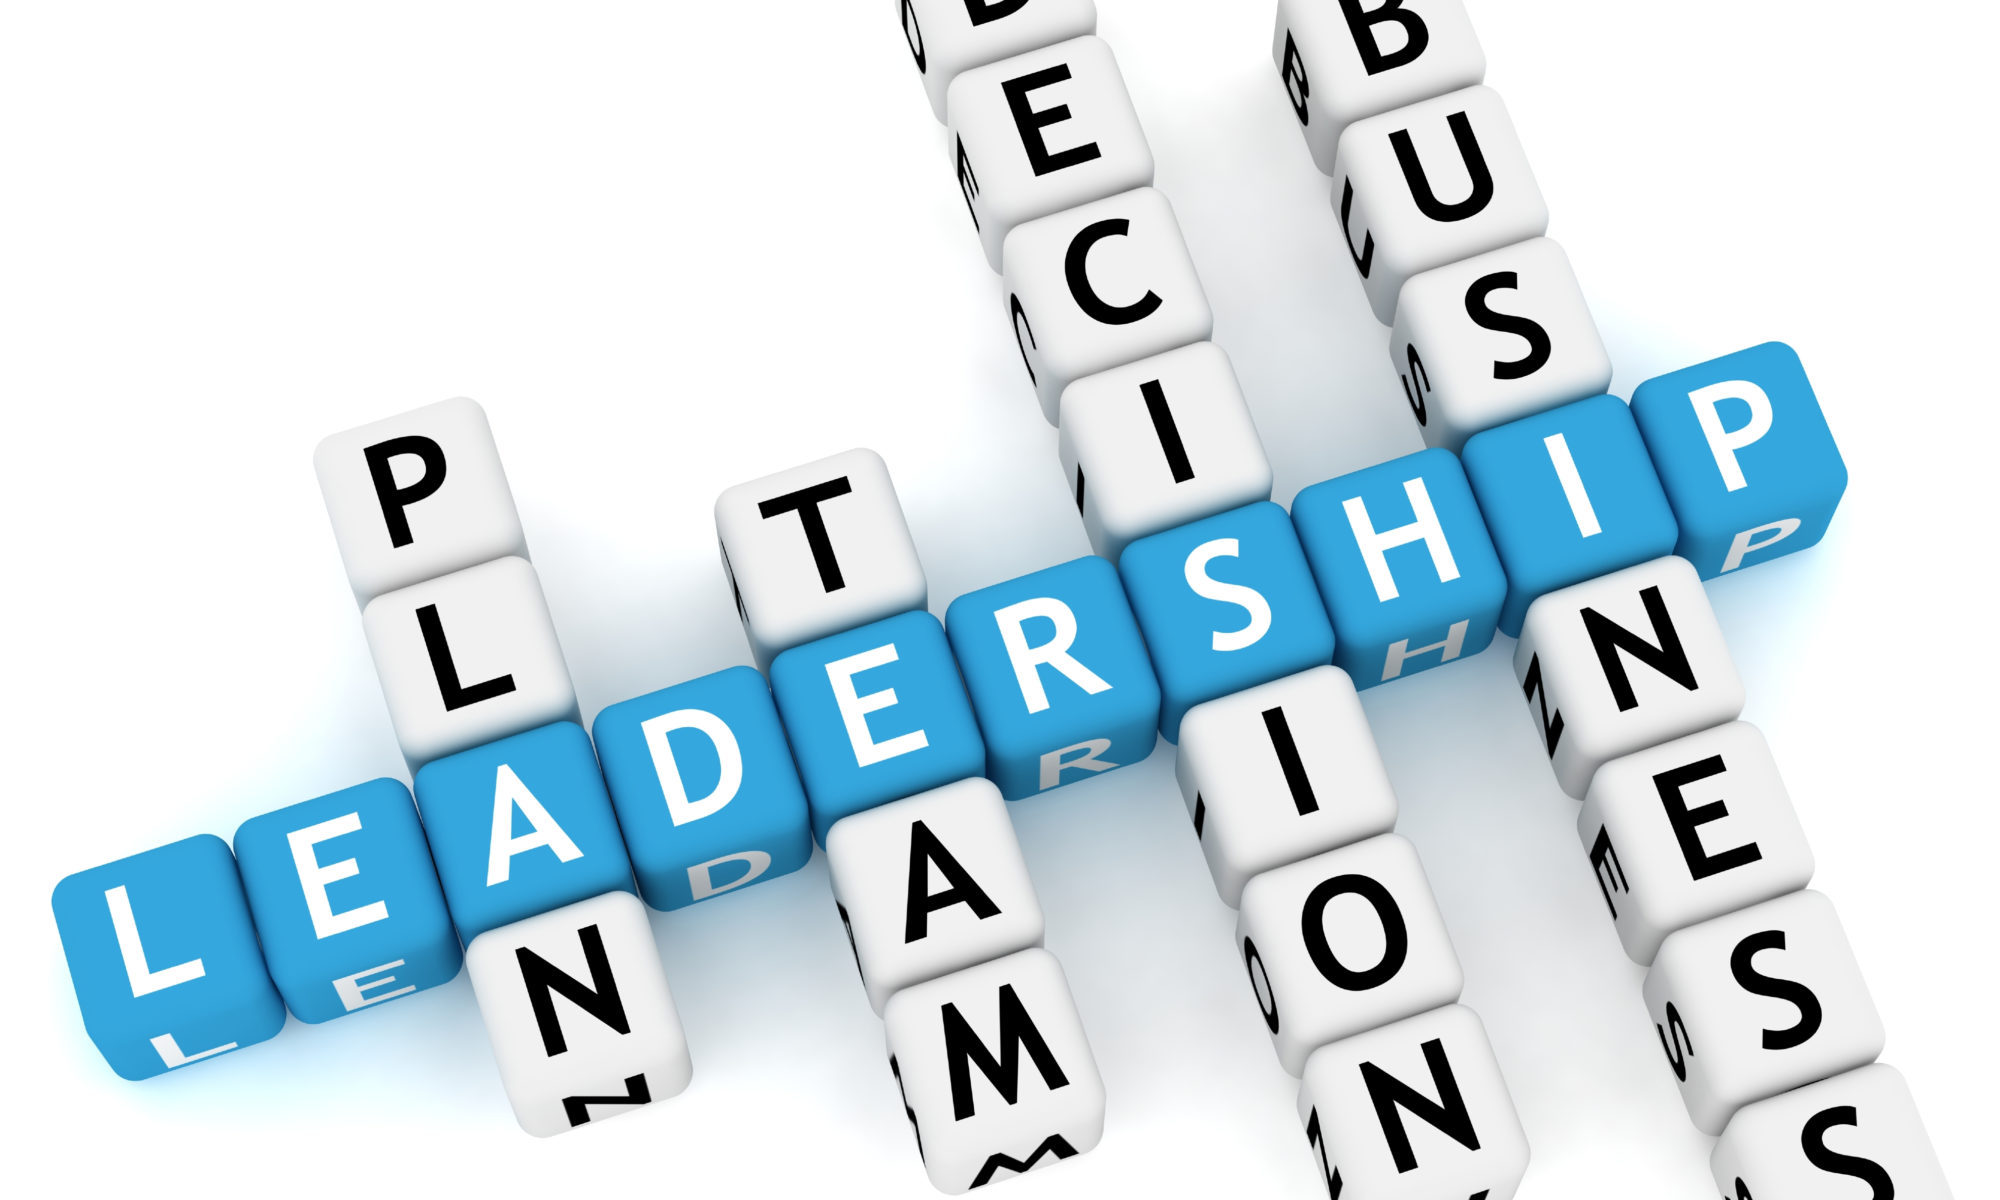 Langenberg Breakfast: Stronger Leaders, Better Community – Eden